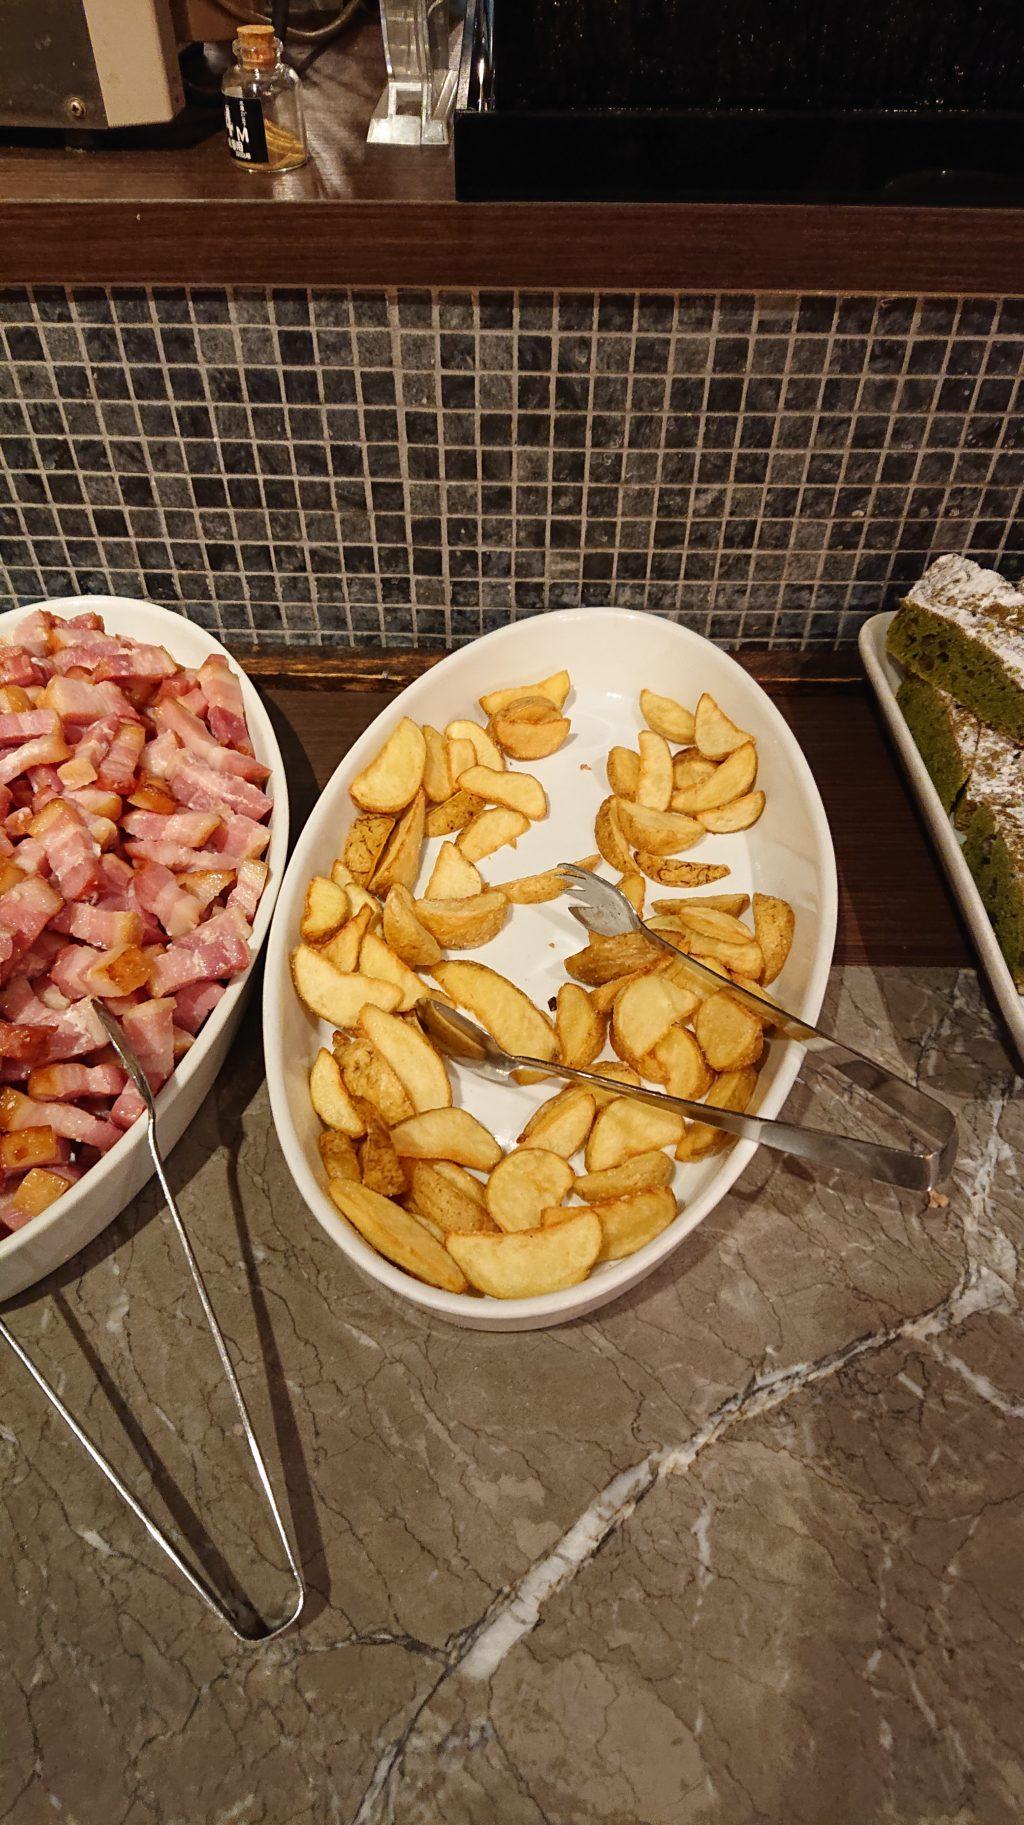 バルマルシェコダマ目黒 ビュッフェの料理6